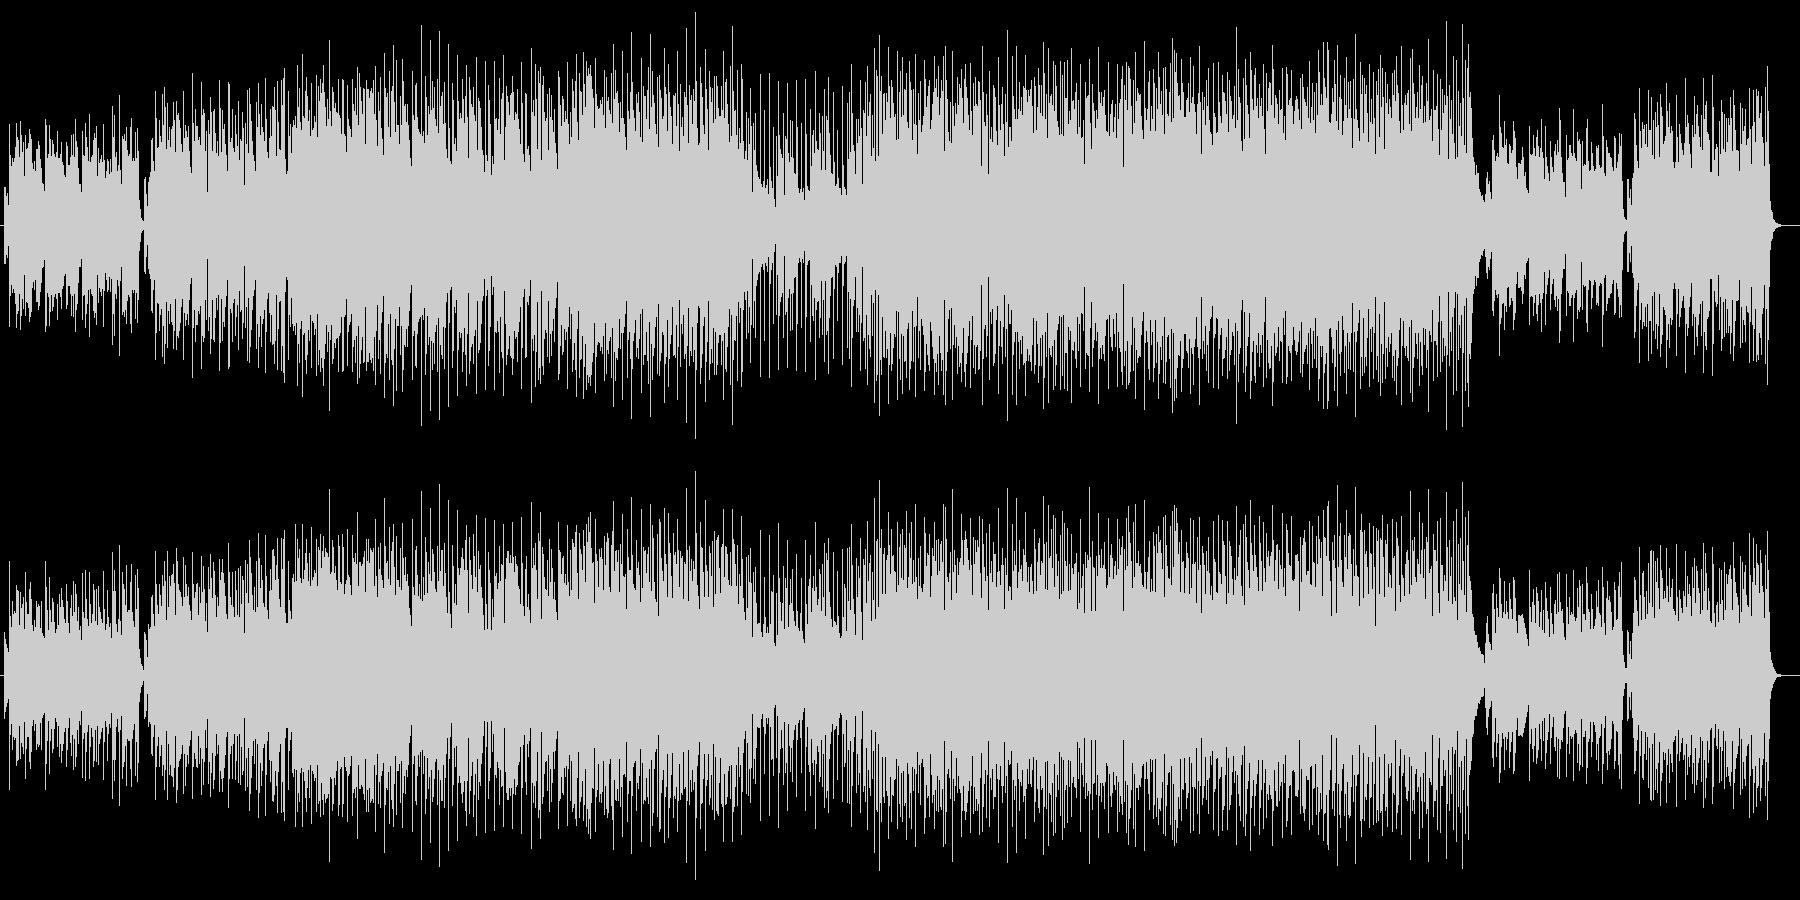 ピアノ伴奏のファンタジックな音楽の未再生の波形